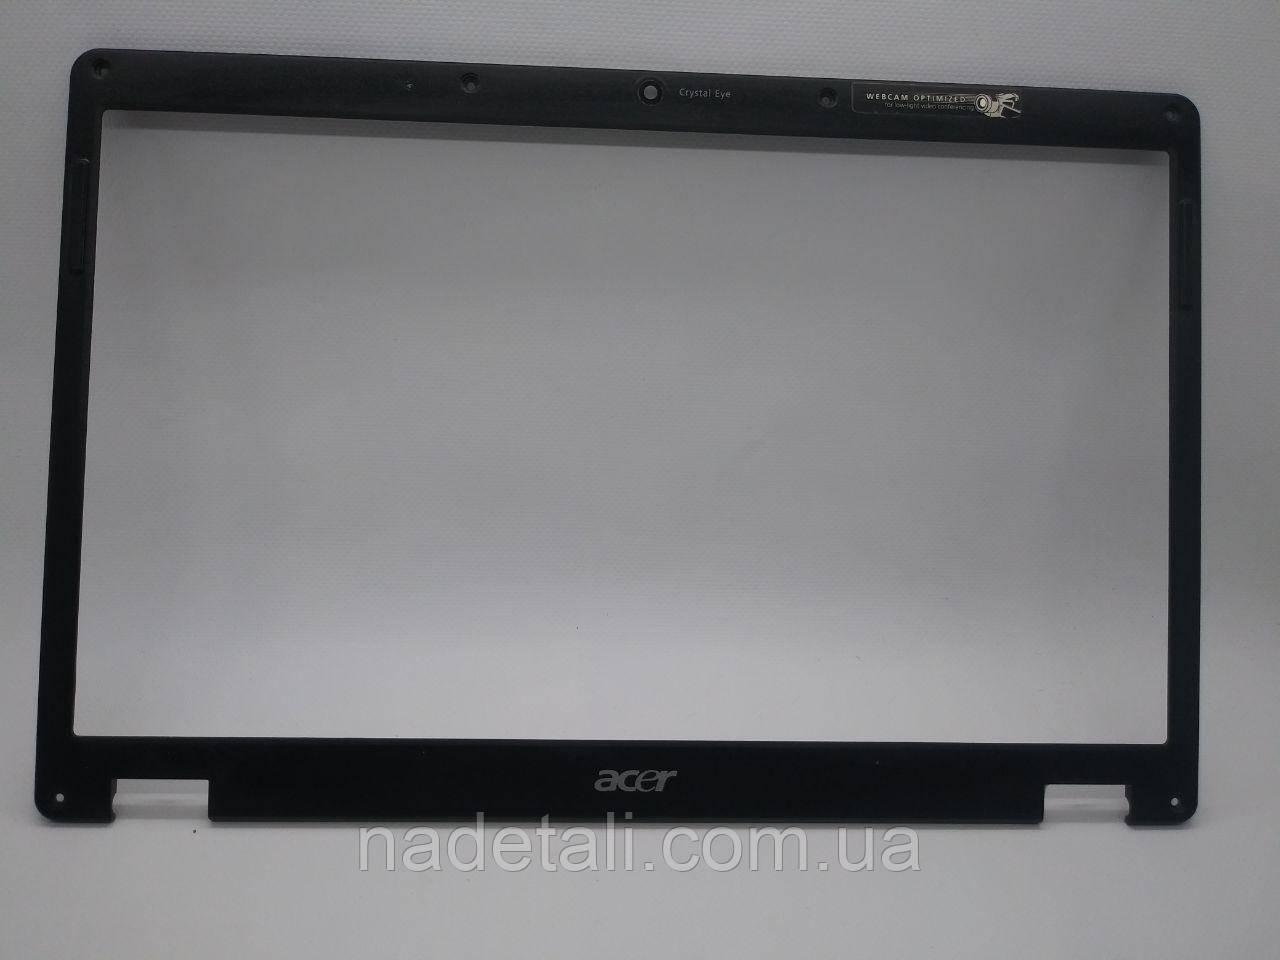 Рамка матрицы Acer Extensa 5235 ZYE3EZR6LBT